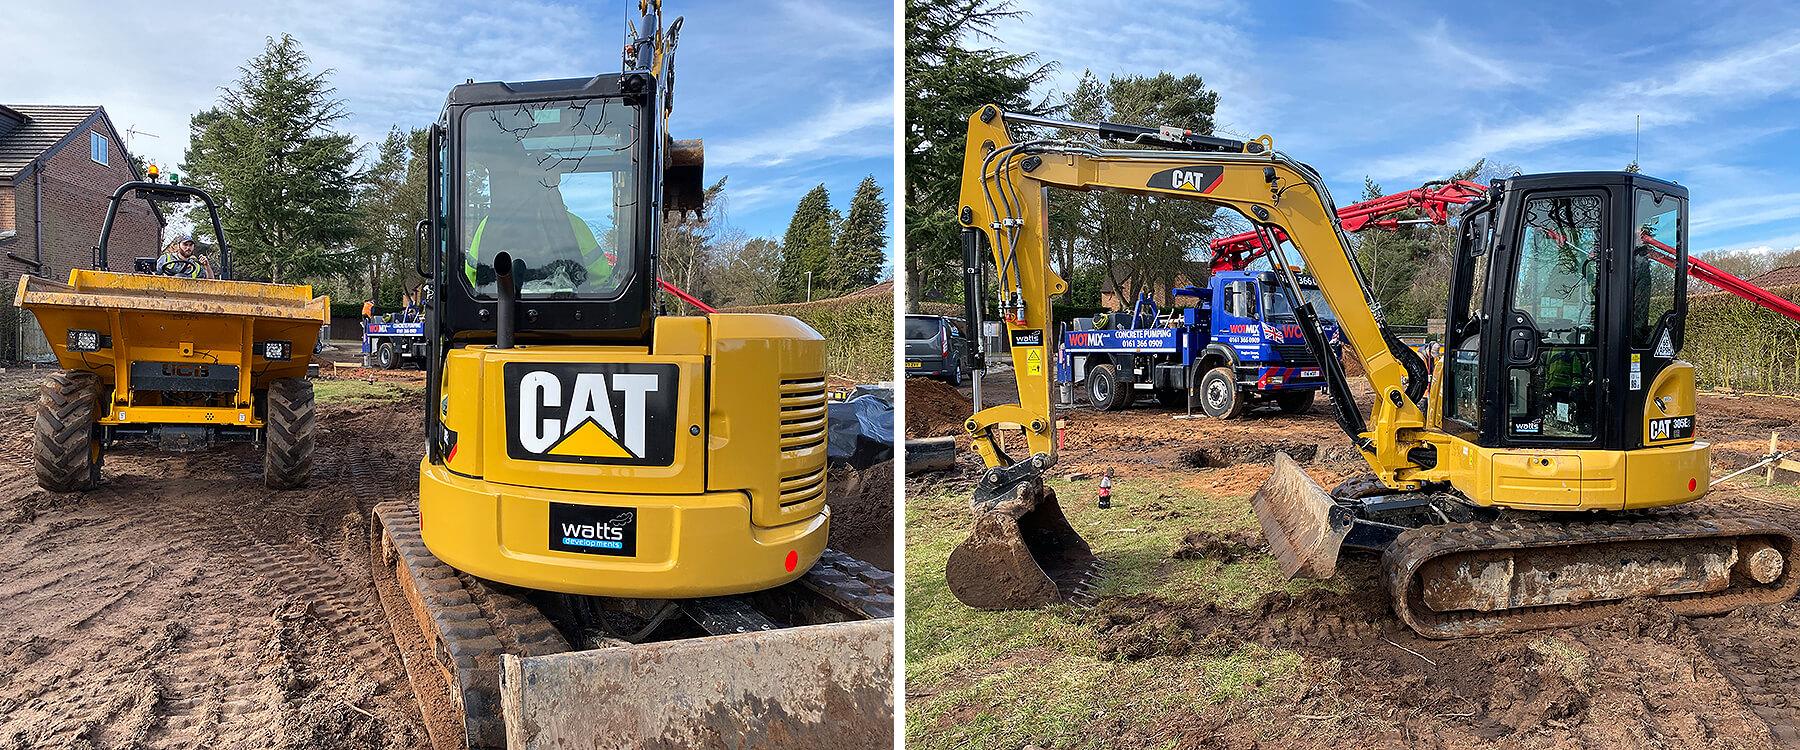 CAT digger and dumper truck